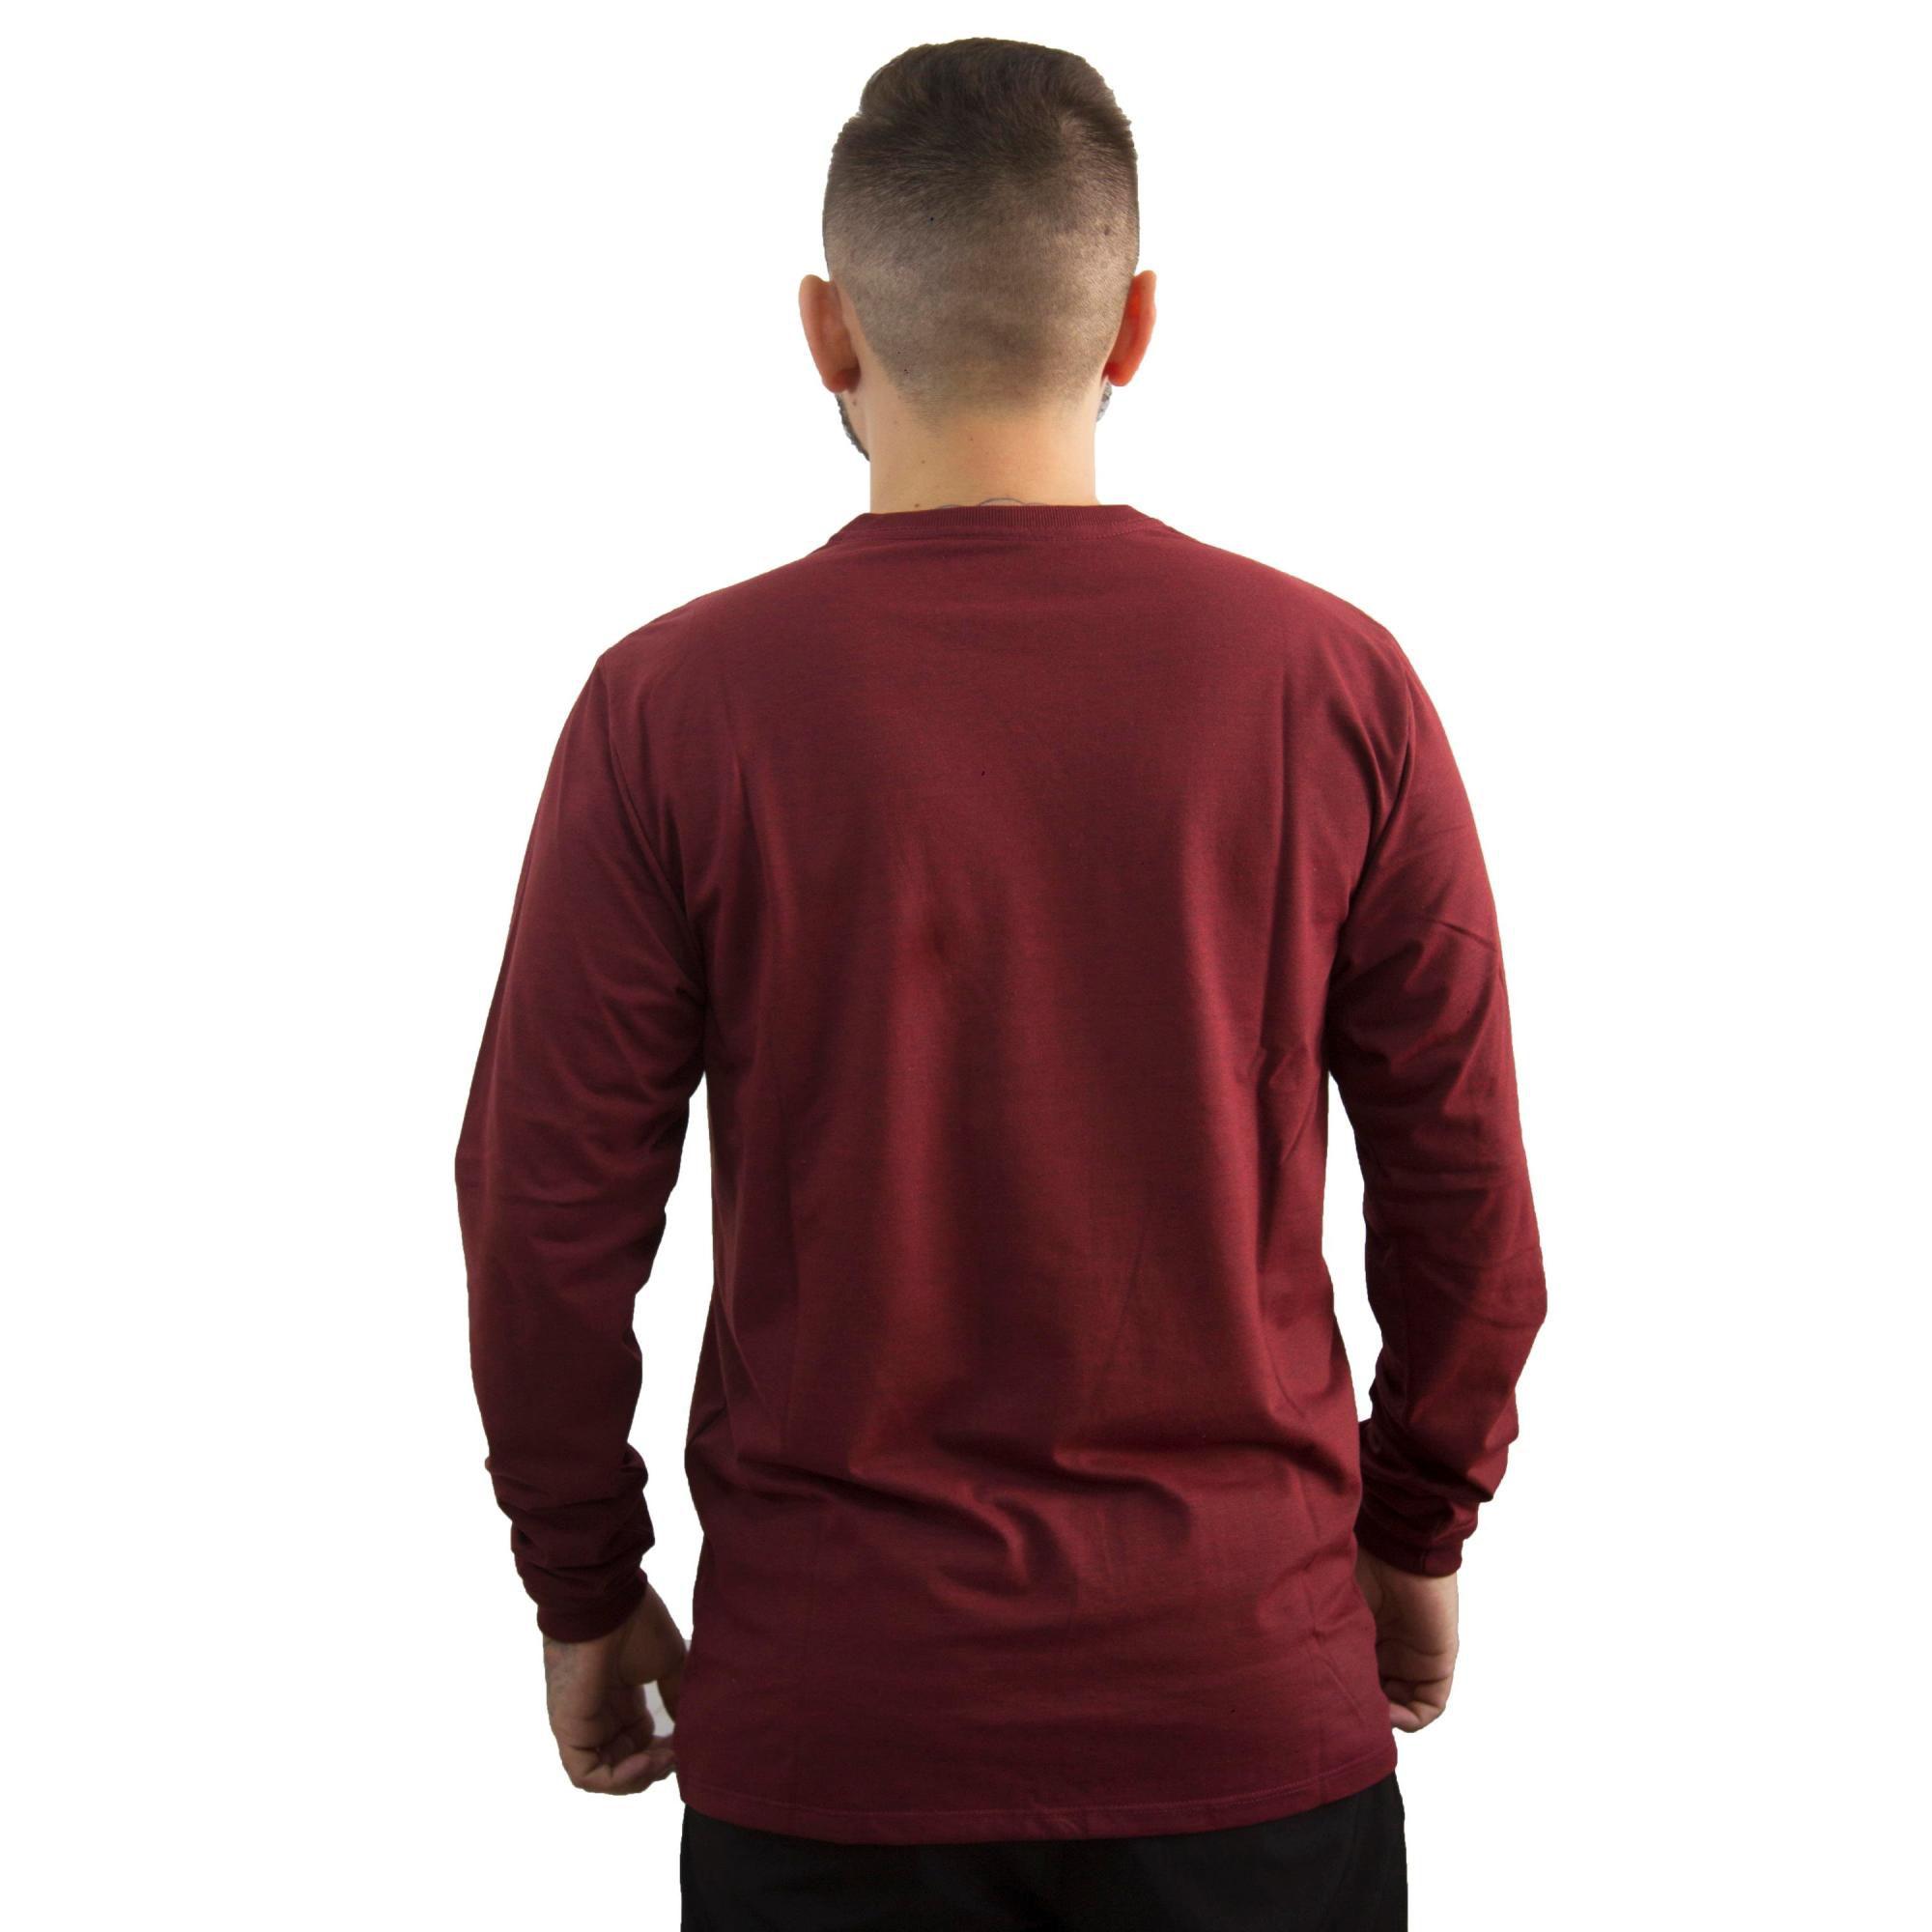 Camiseta Hurley Manga Longa Vermelho Mescla